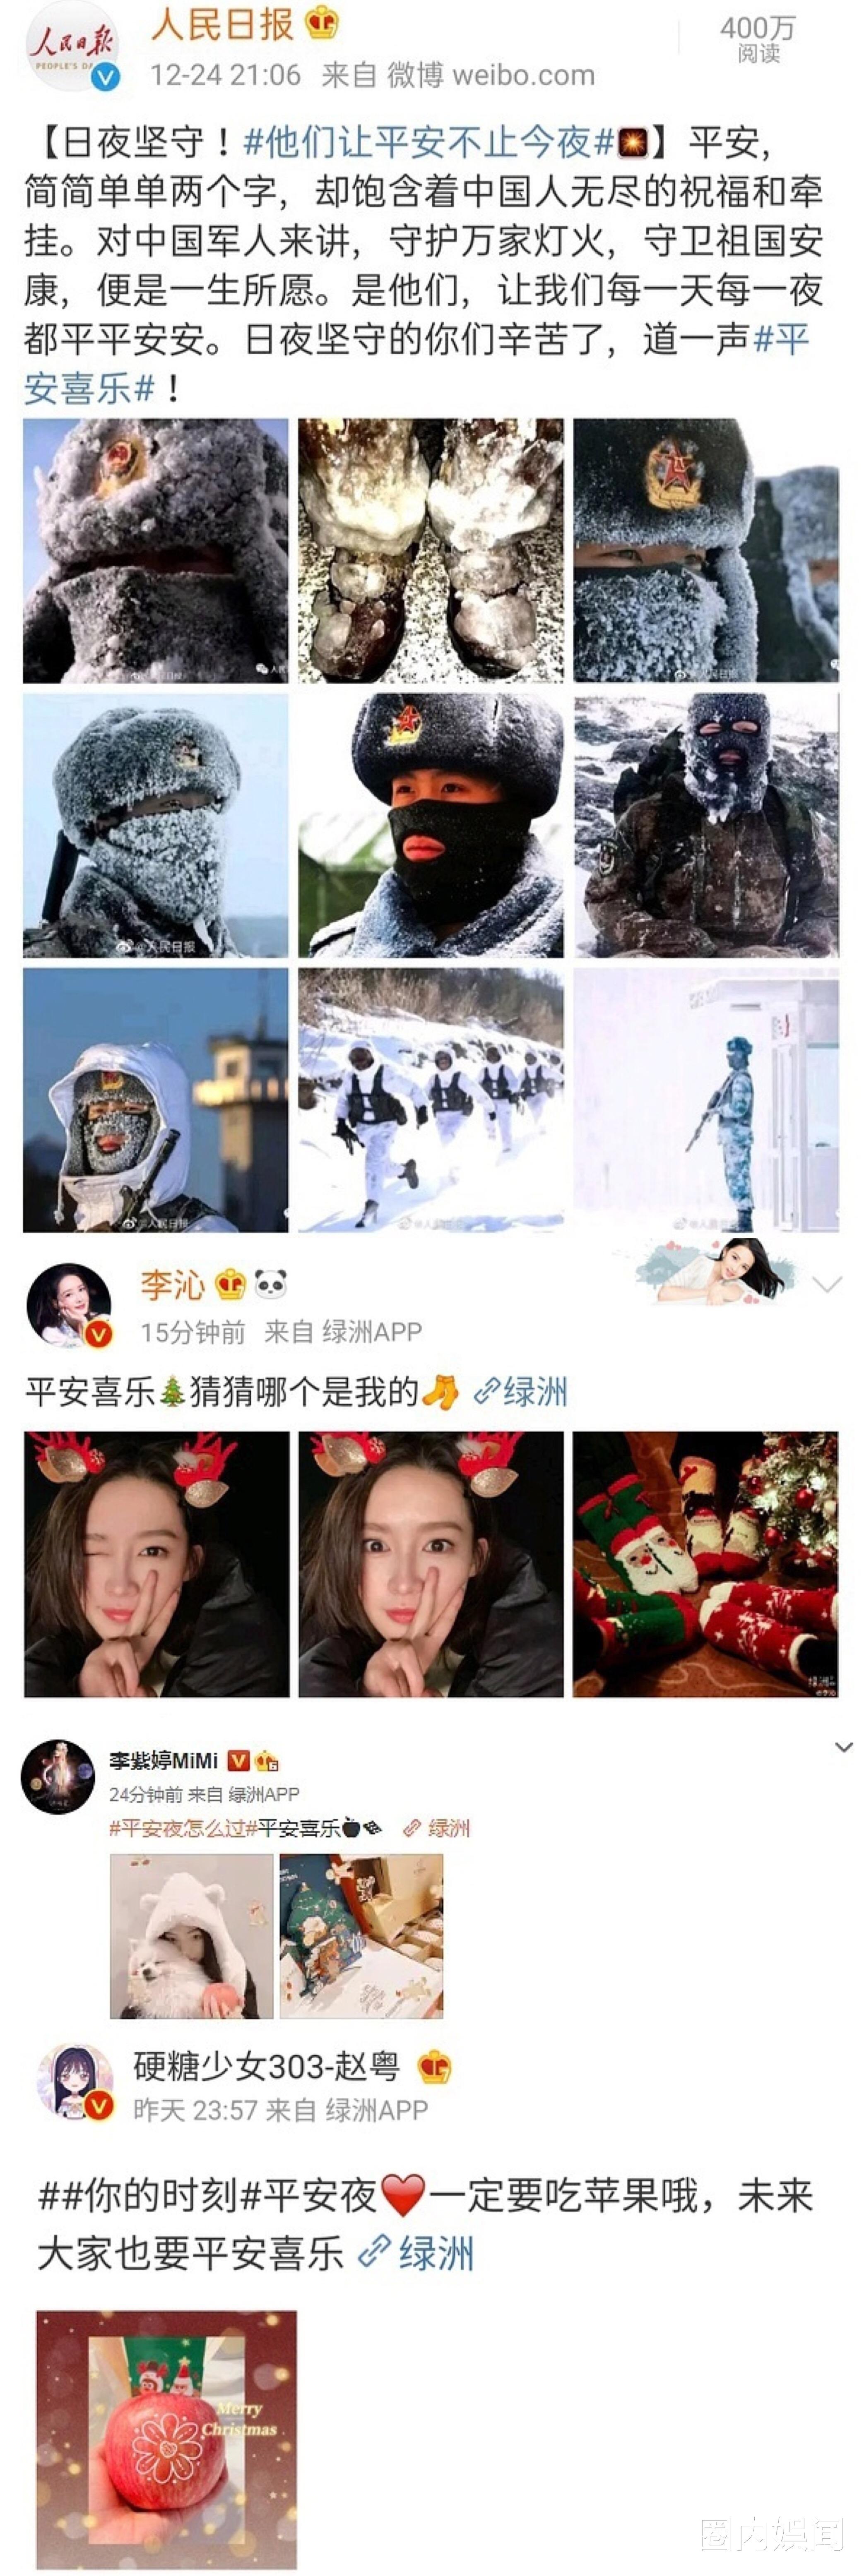 單方面宣佈版權?王一博粉絲自圈應援口號,遭官媒及多位藝人打臉-圖3